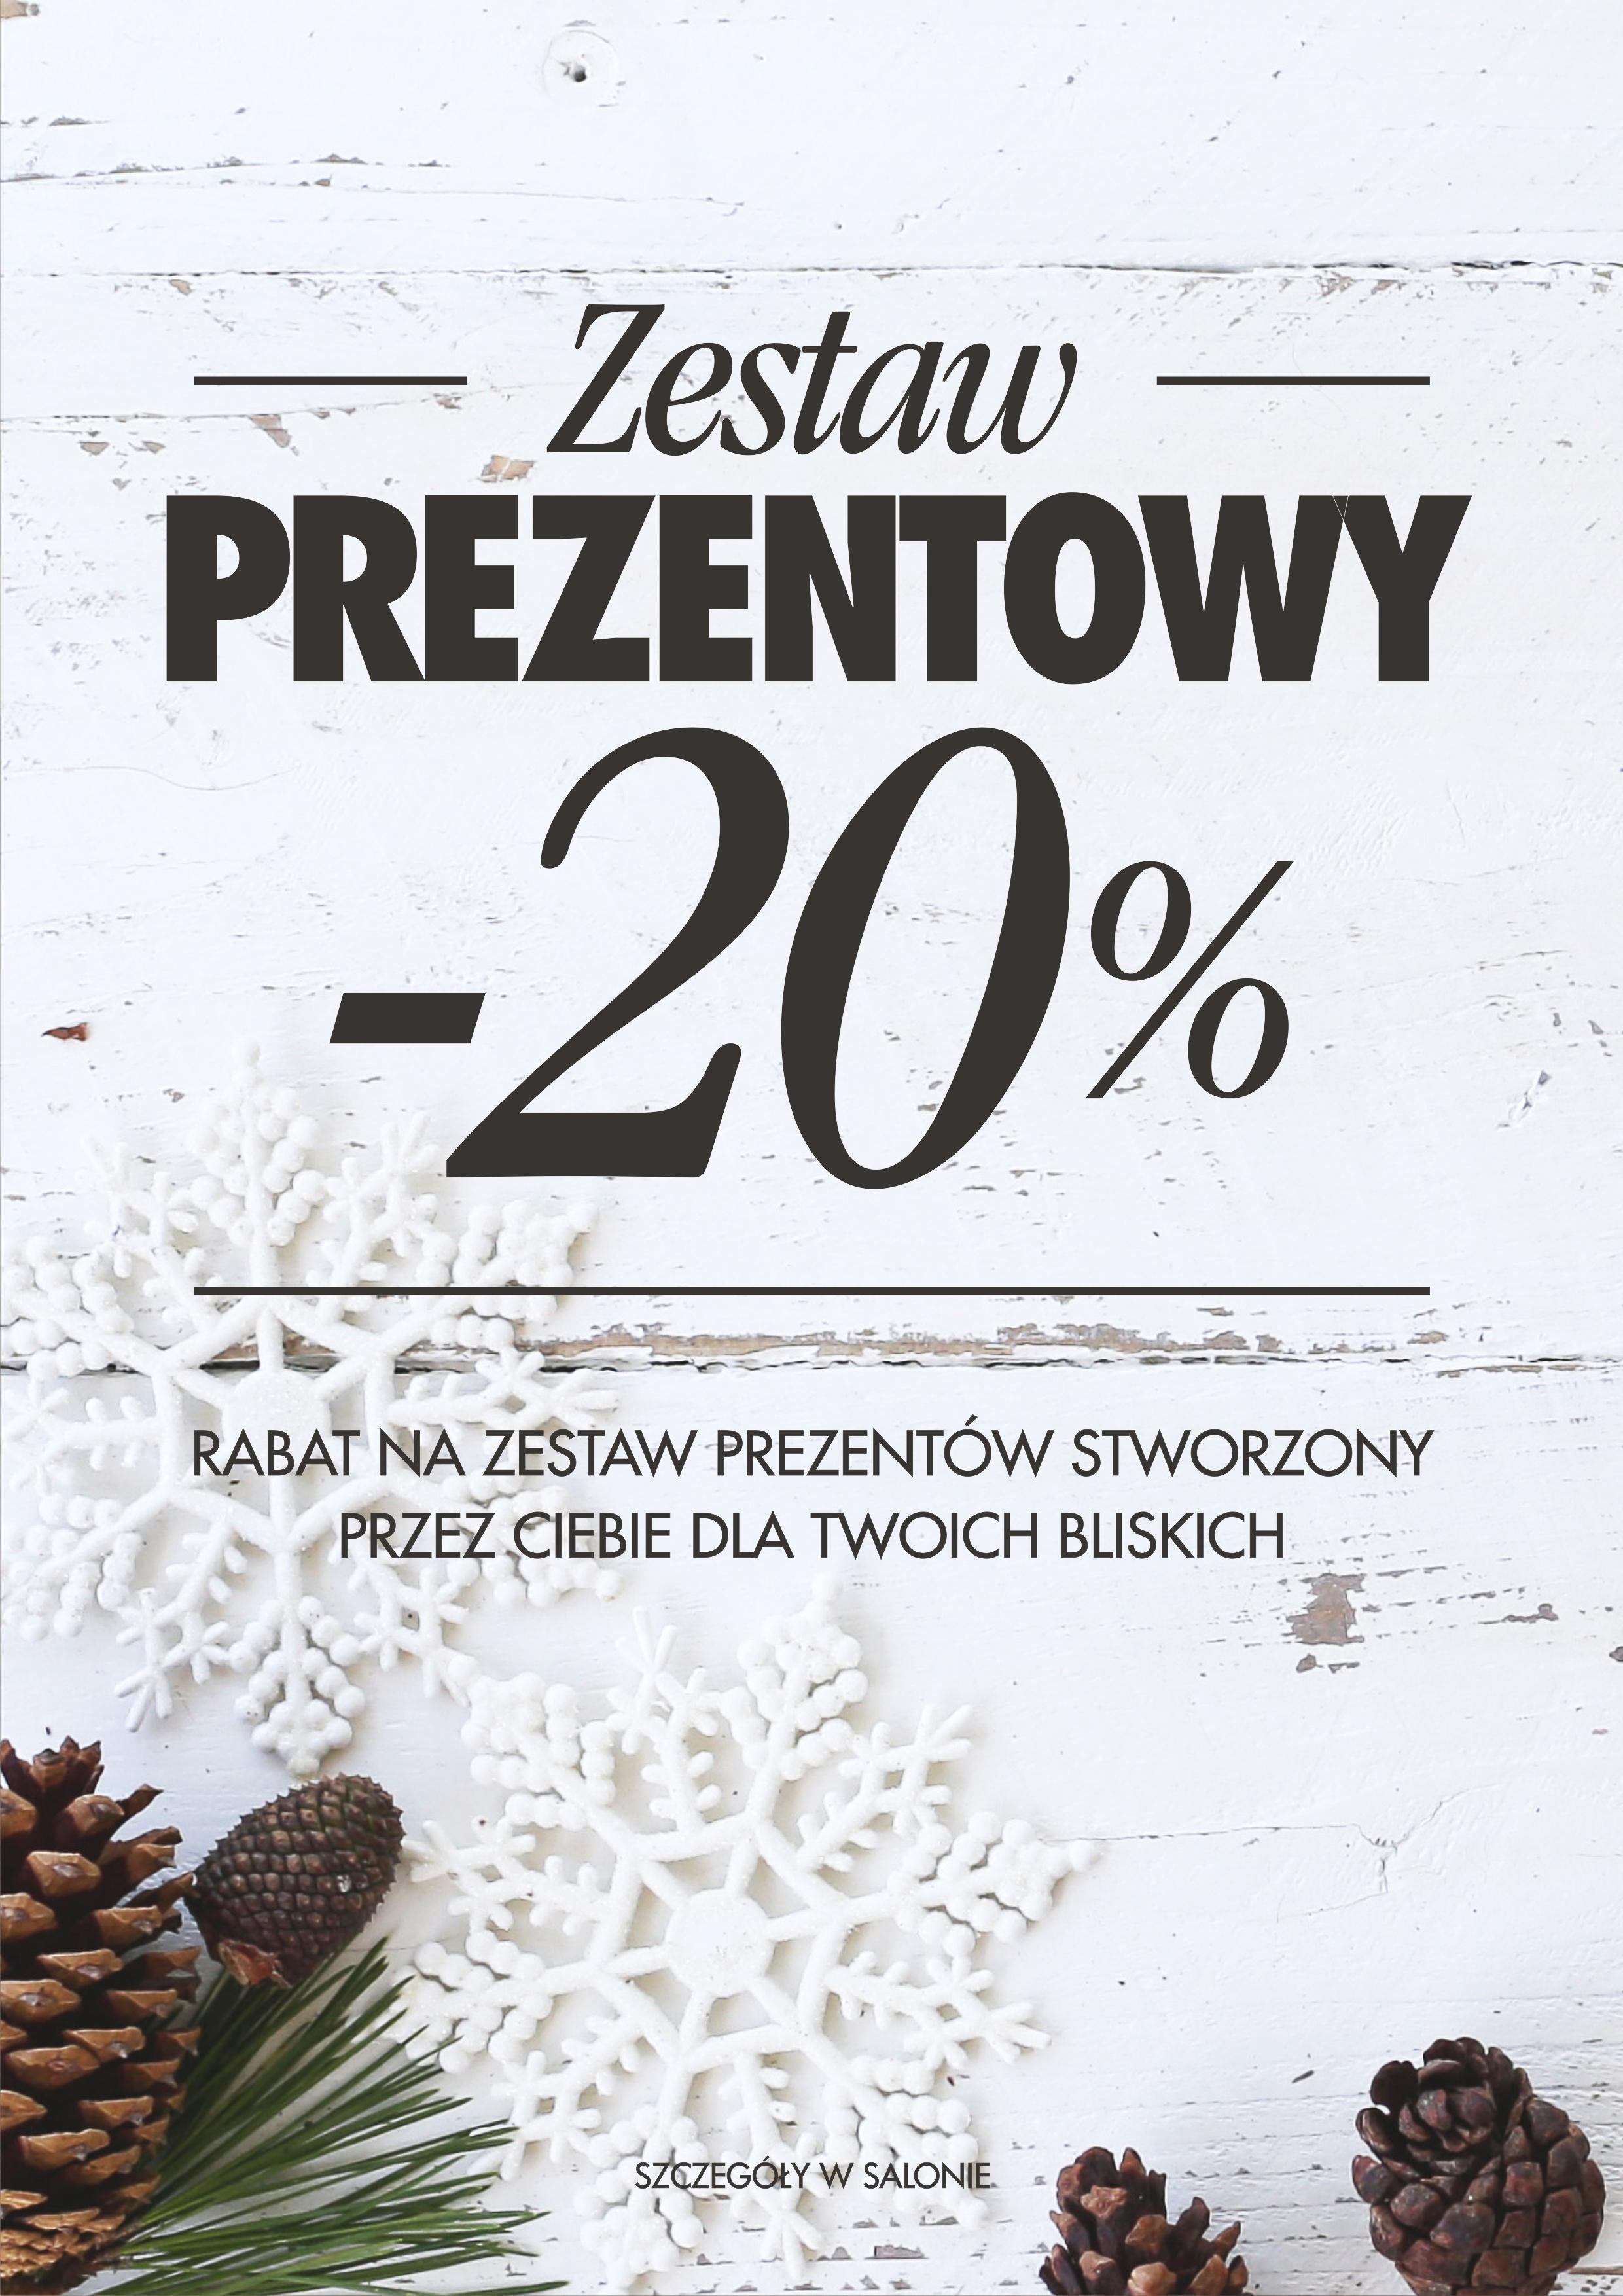 Świąteczna promocja: -20% na zestaw prezentowy stworzony dla Twoich bliskich!